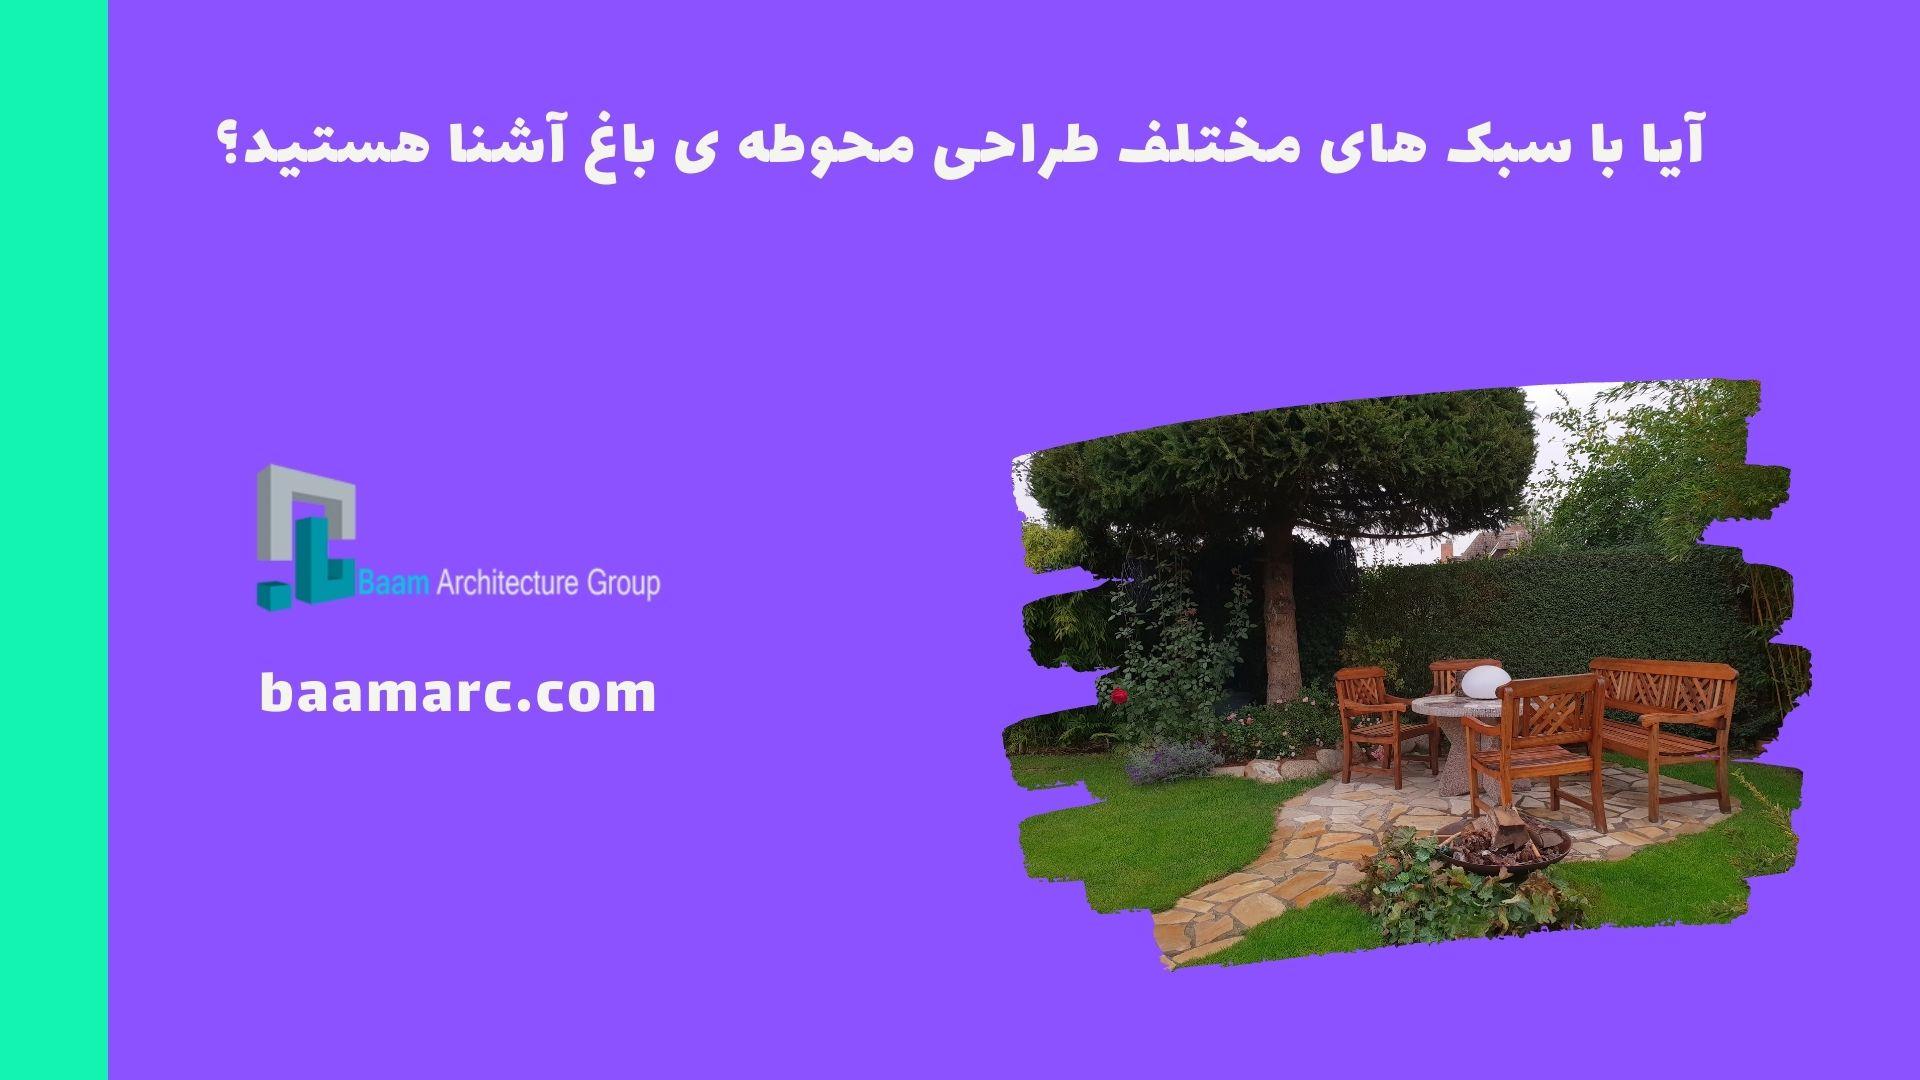 آیا با سبک های مختلف طراحی محوطه ی باغ آشنا هستید؟